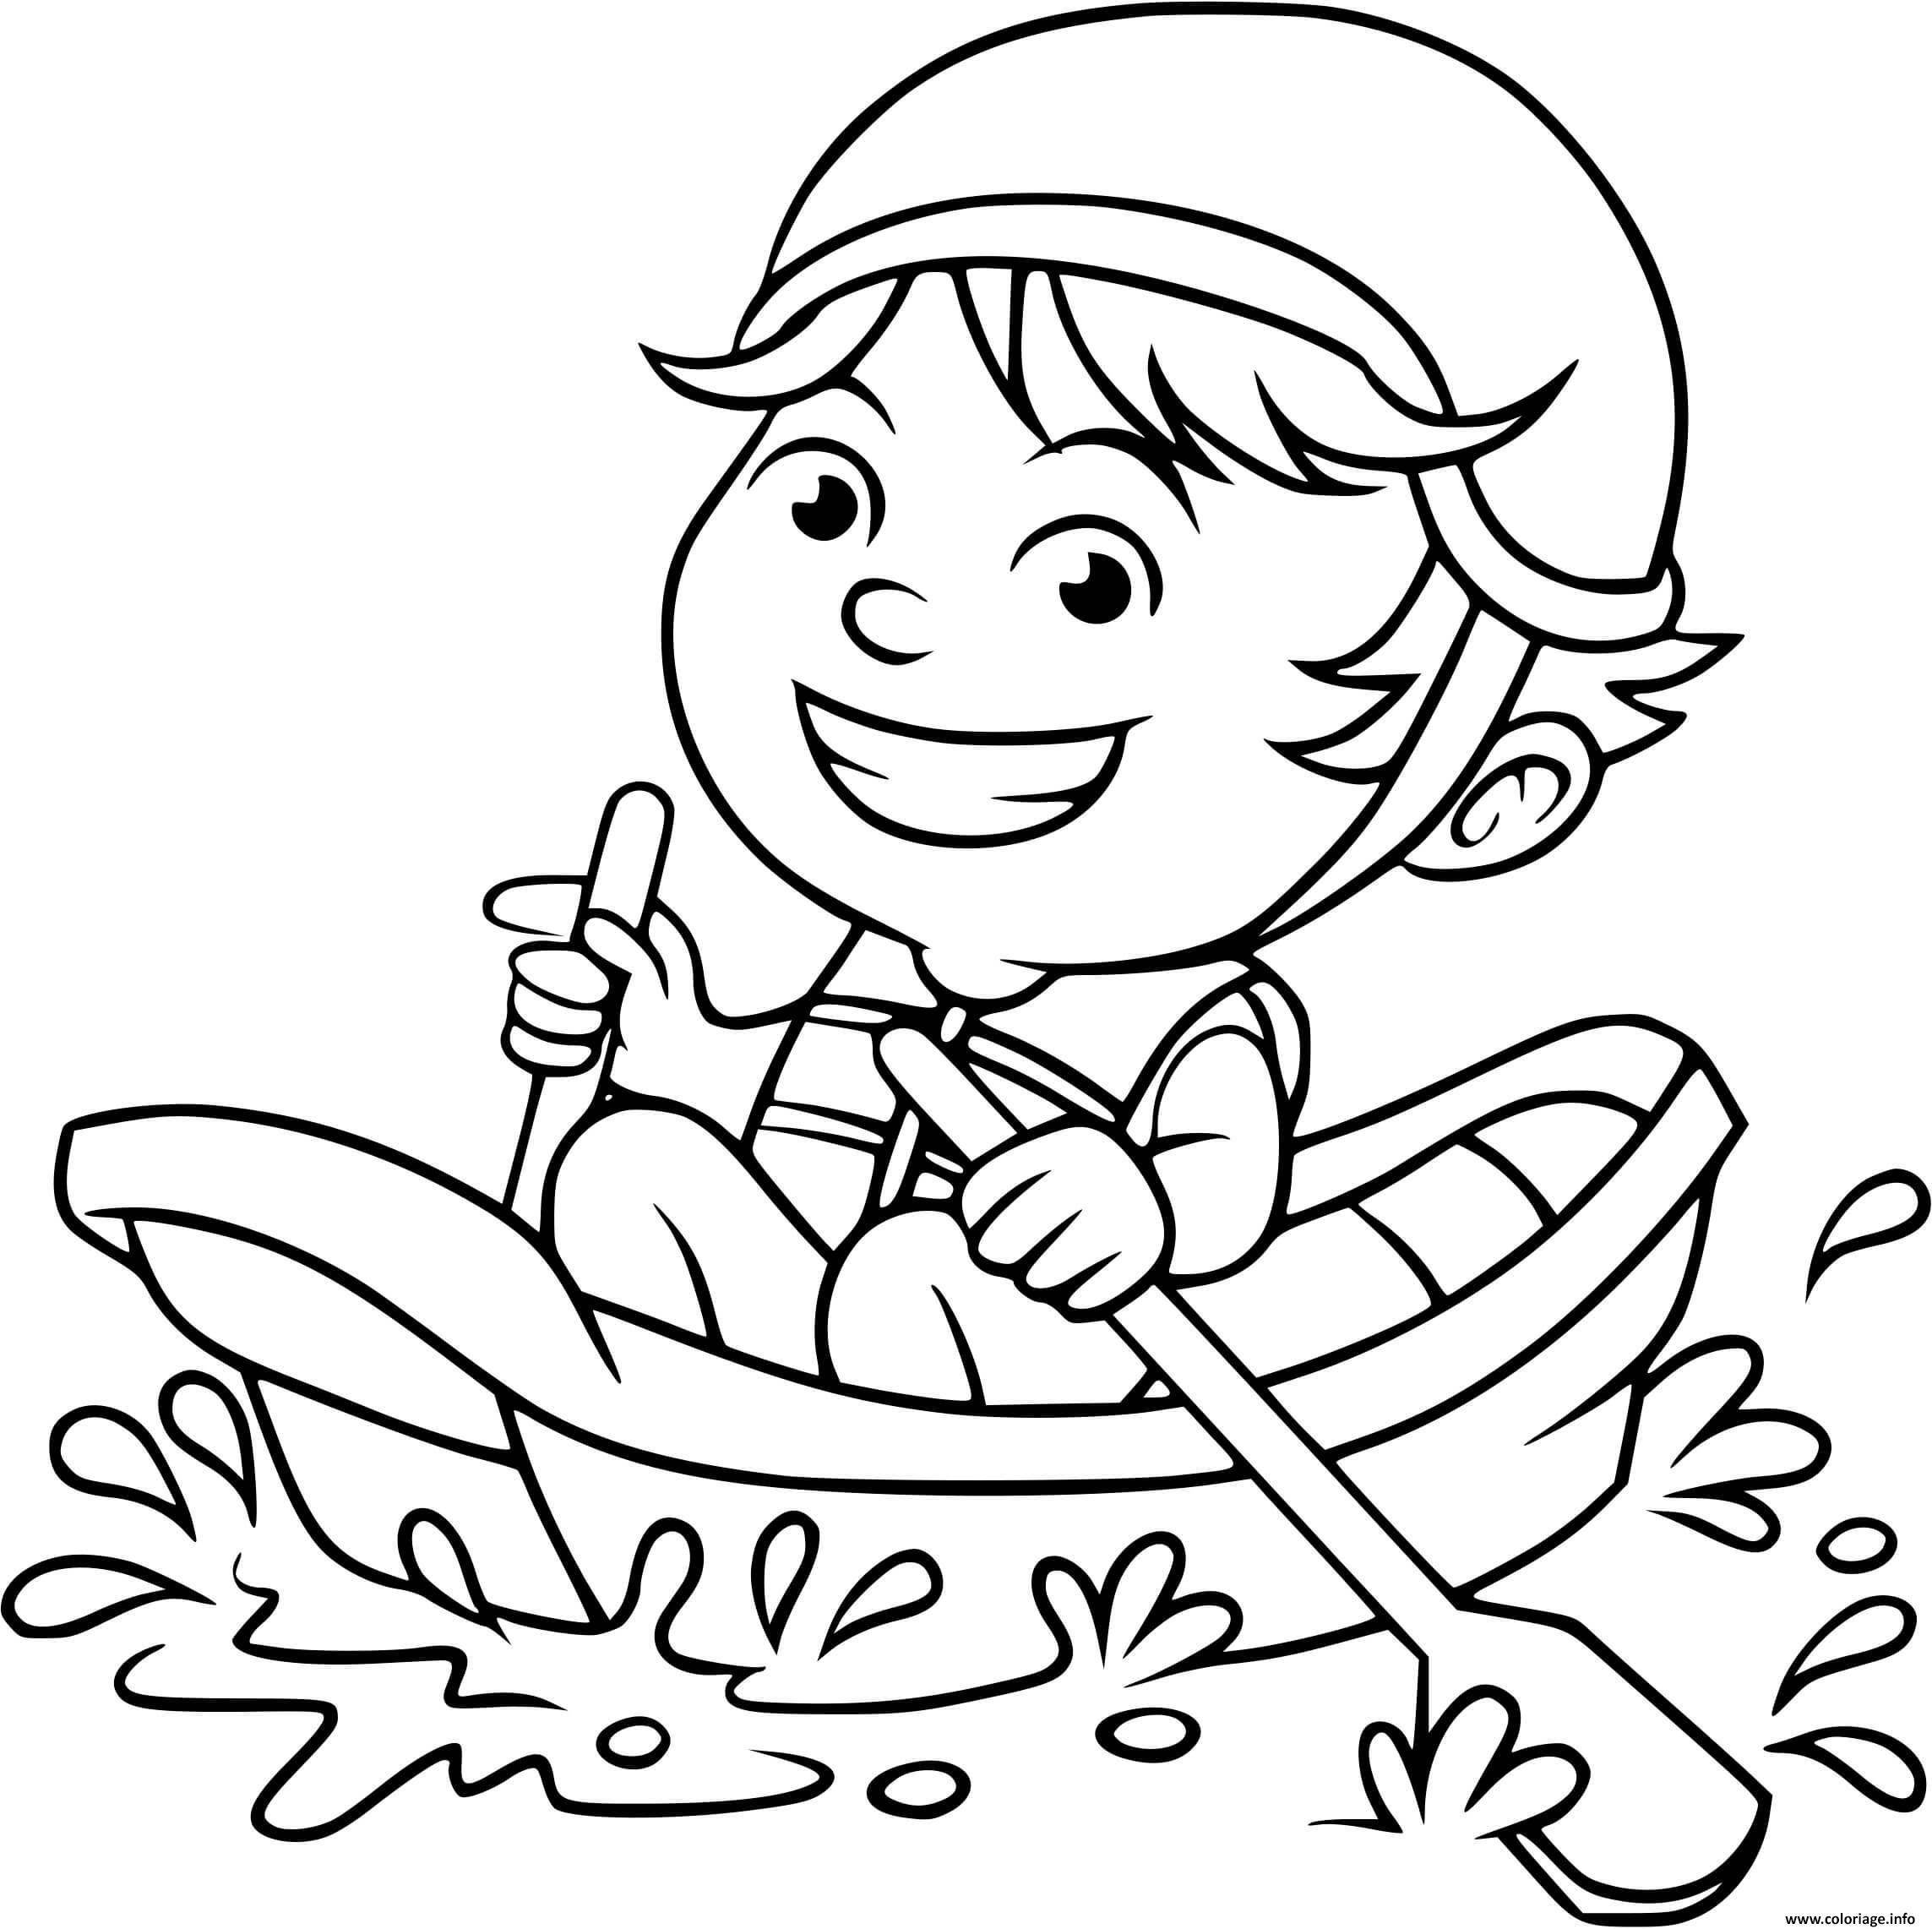 Coloriage Un Enfant Navigue En Toute Securite Jecolorie Com